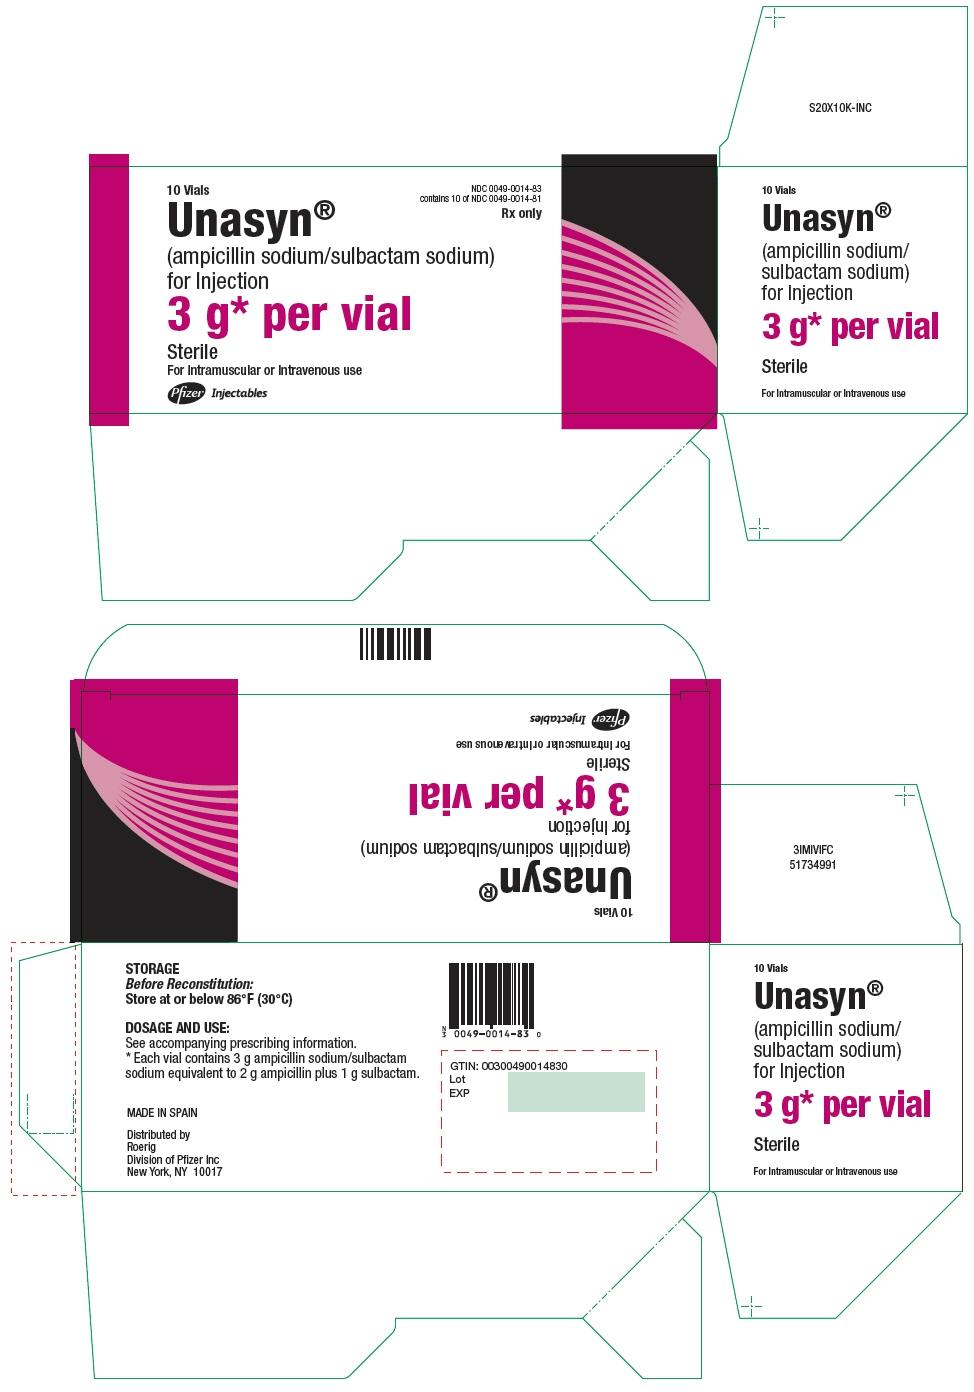 PRINCIPAL DISPLAY PANEL - 10 x 3 g Vial Carton